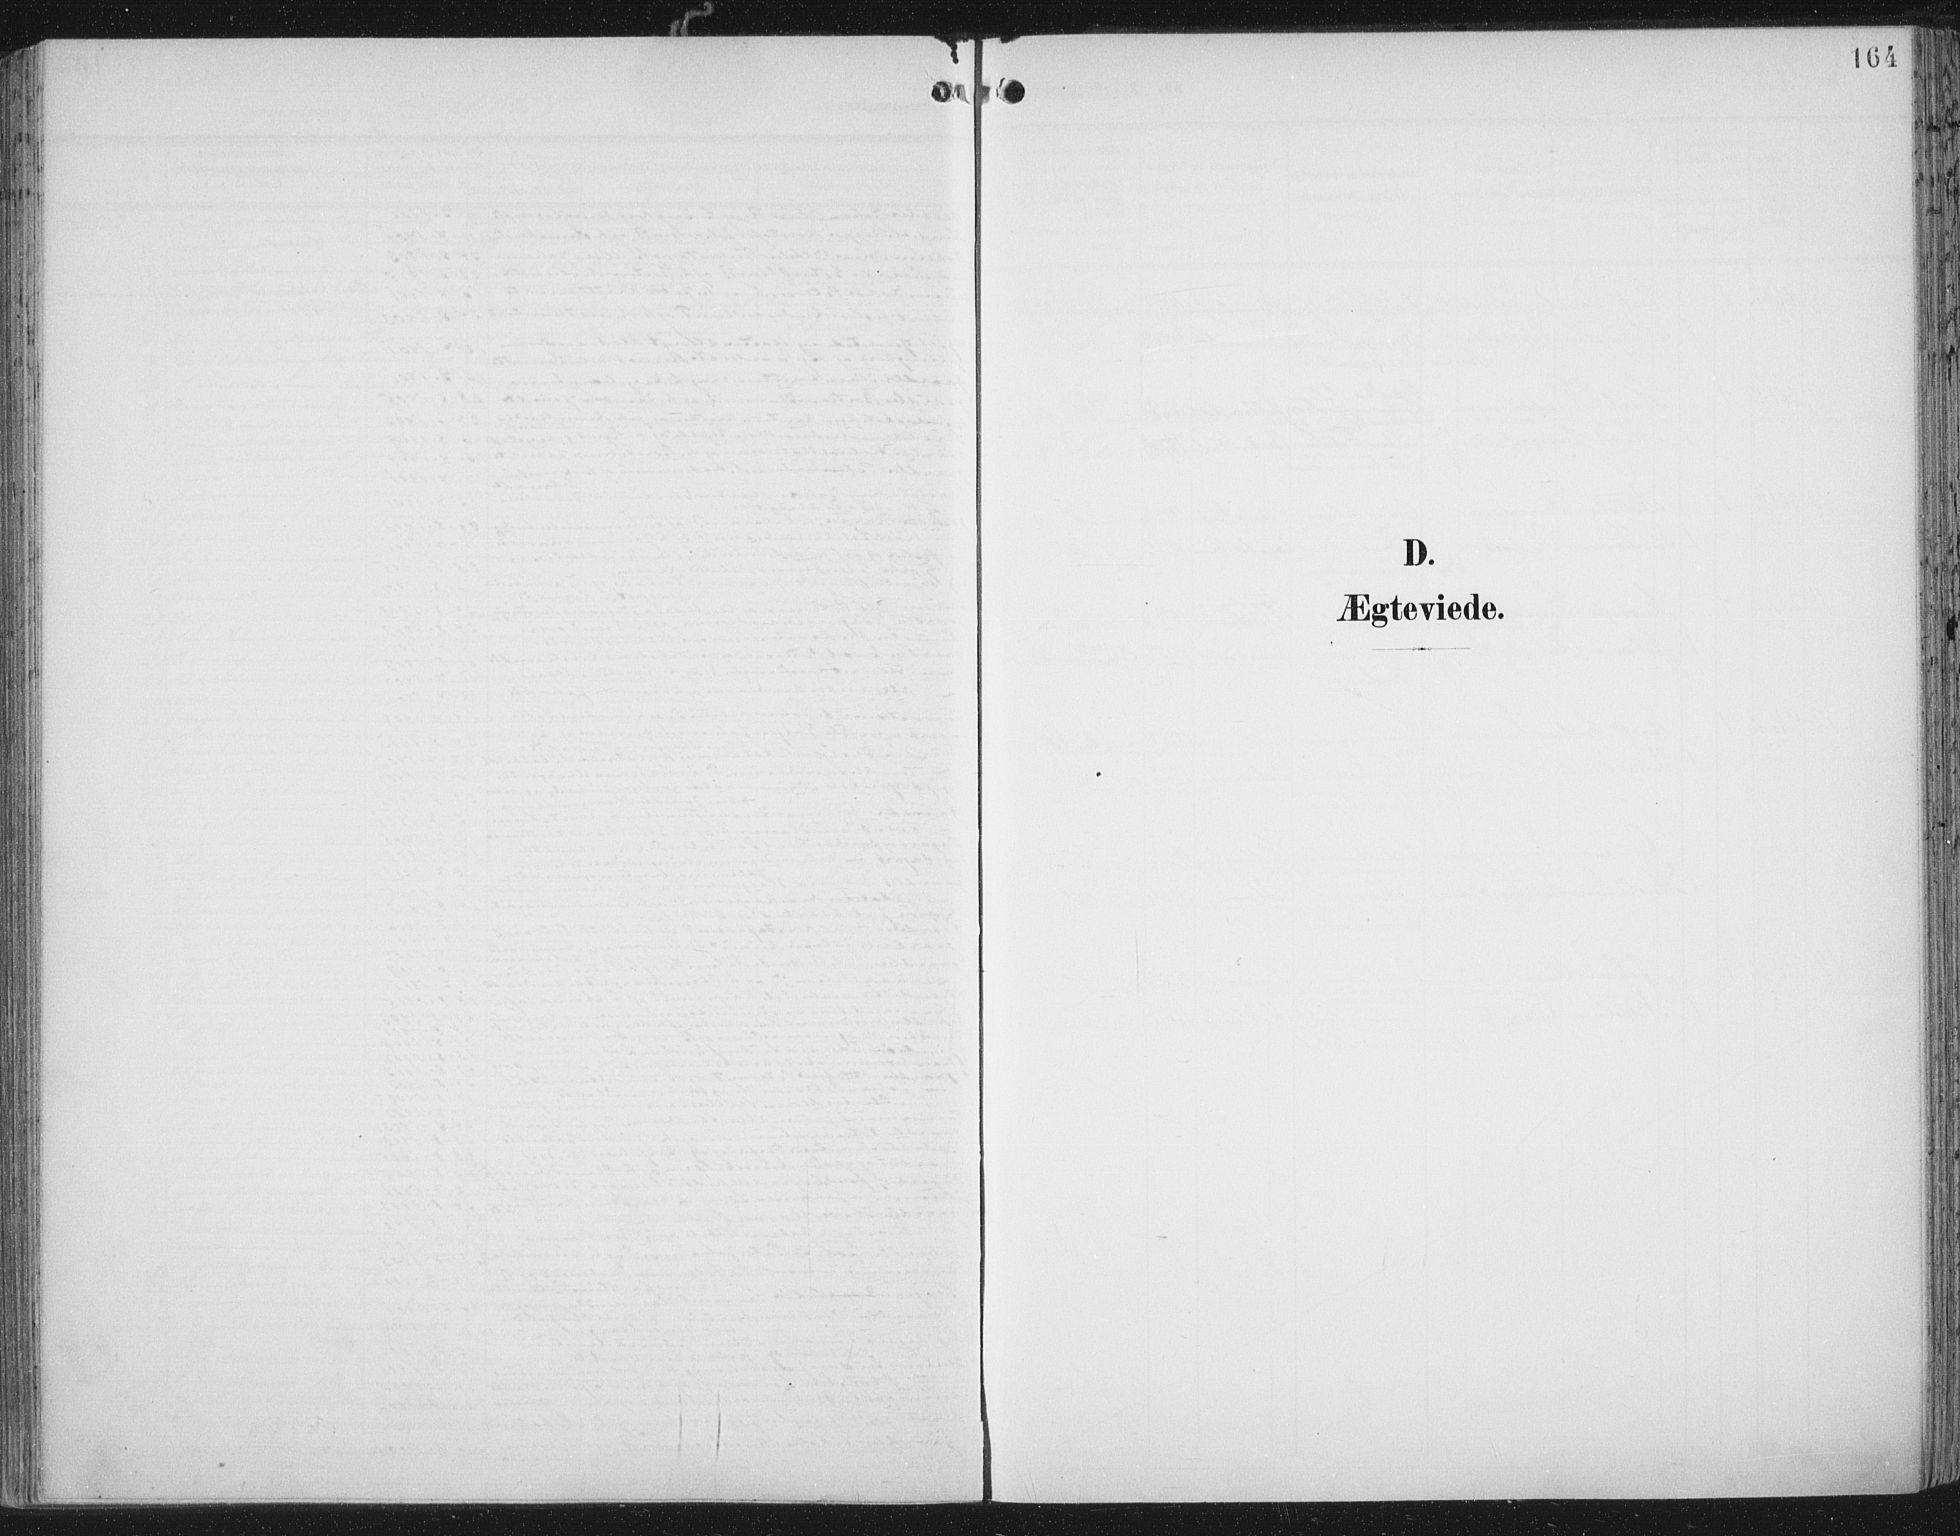 SAT, Ministerialprotokoller, klokkerbøker og fødselsregistre - Nord-Trøndelag, 701/L0011: Ministerialbok nr. 701A11, 1899-1915, s. 164